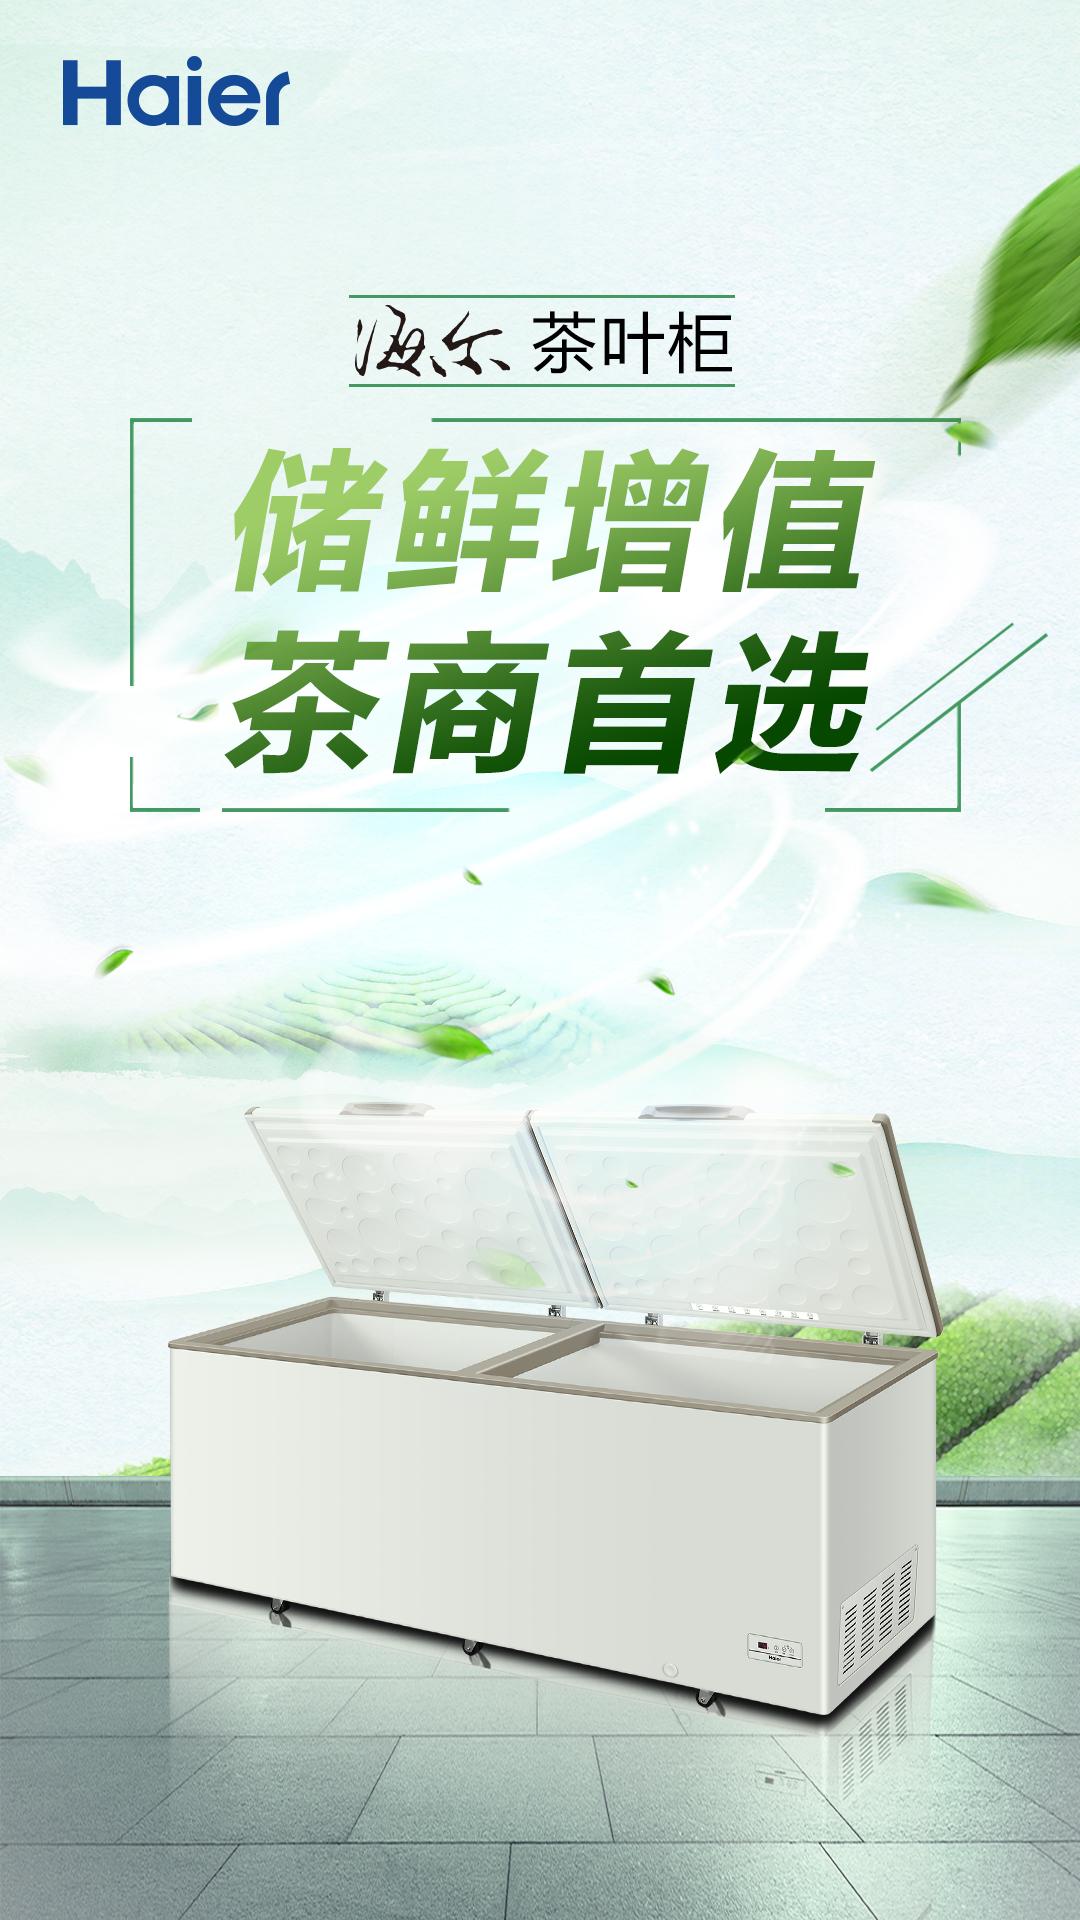 海尔茶叶柜新品上市